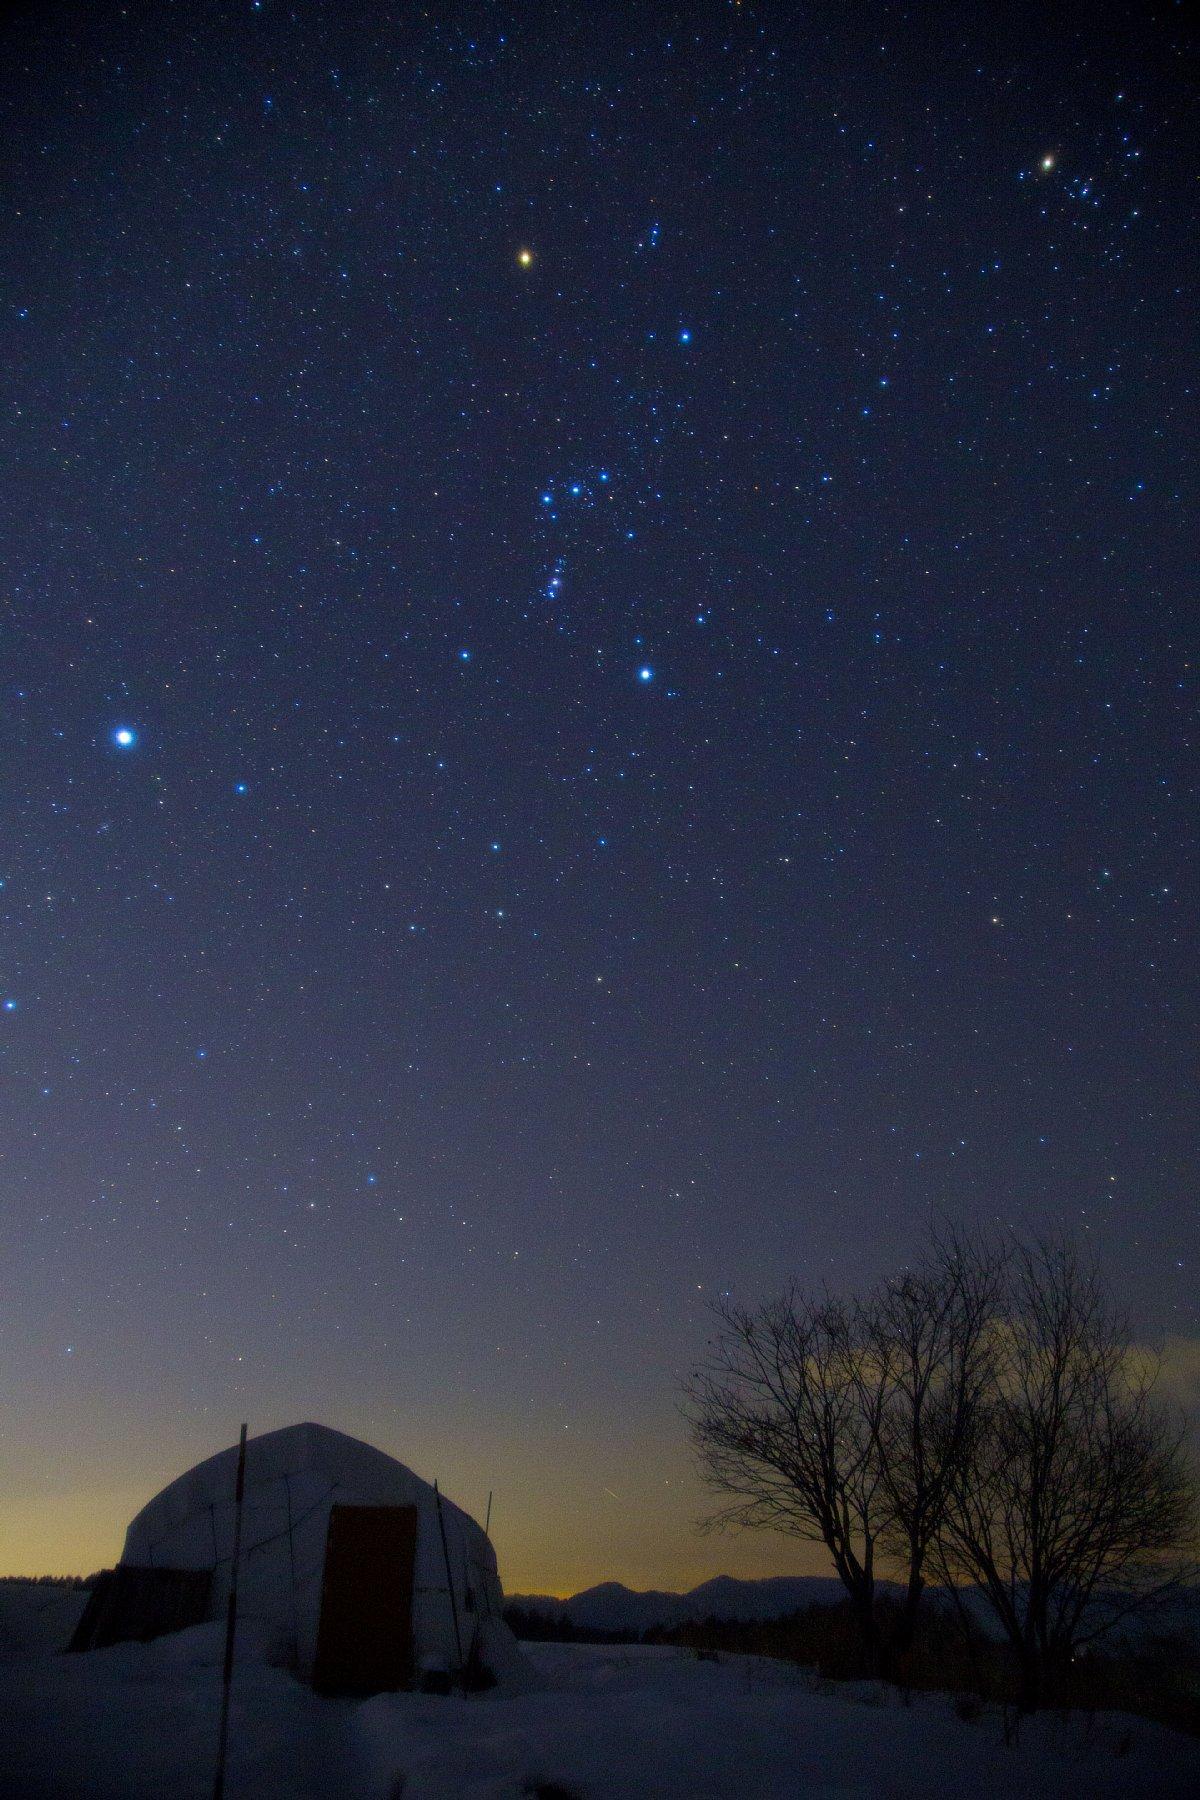 【星景】雪のテントハウスとオリオン